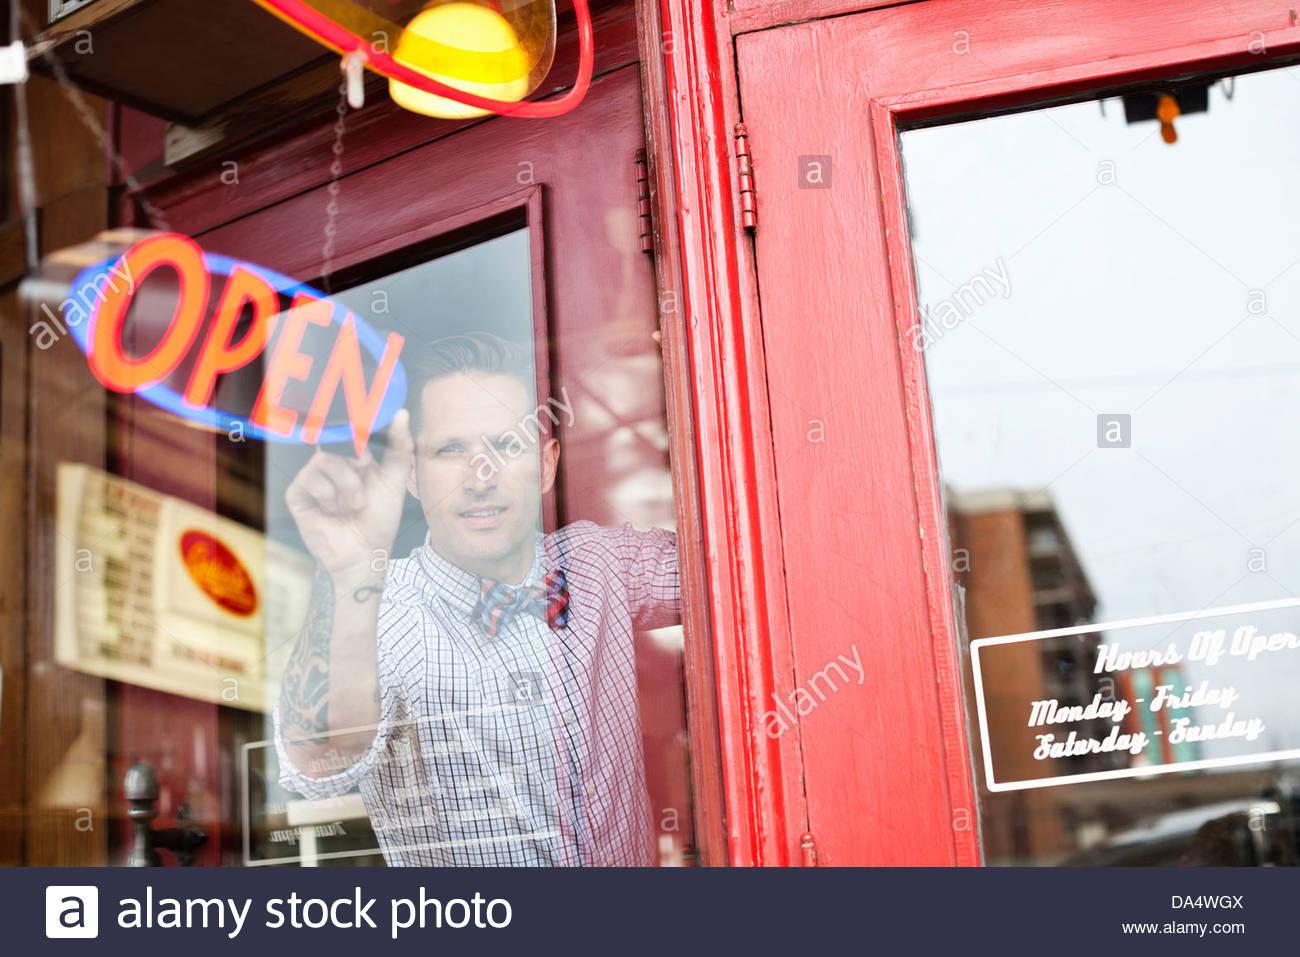 Propietario de negocio macho ajuste de señal abierta en la ventana diner Imagen De Stock